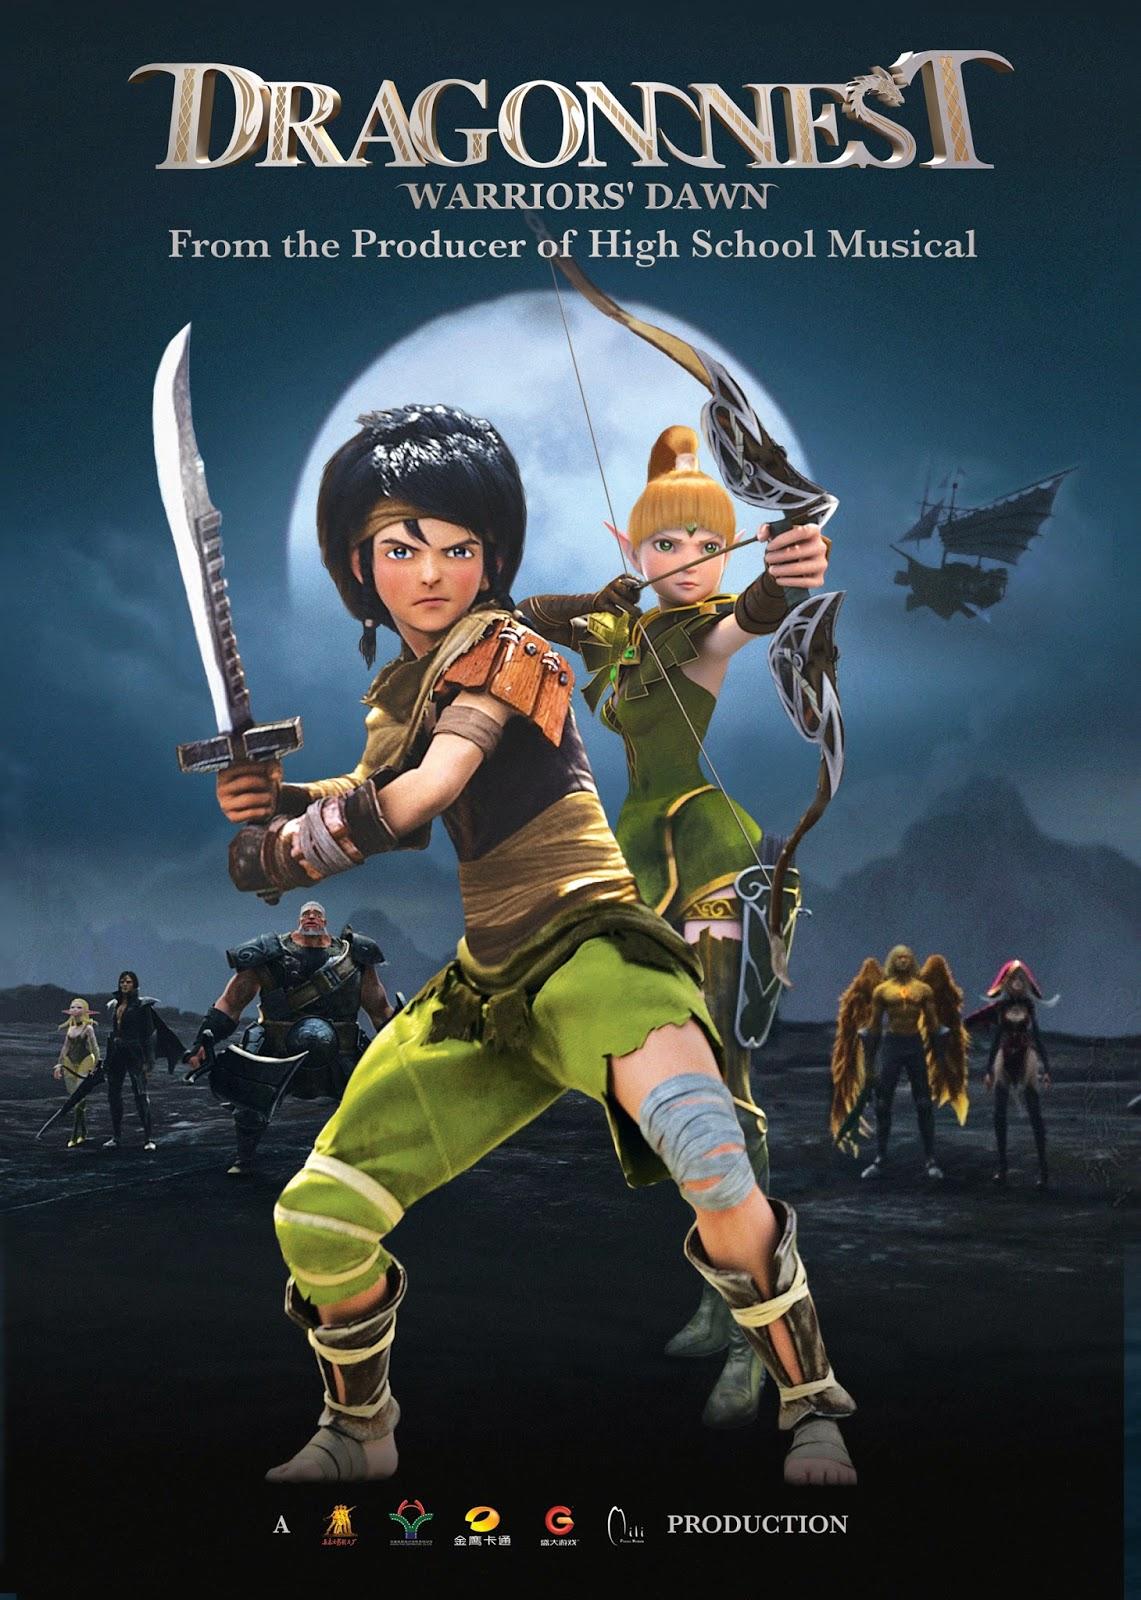 Dragon Nest: Wojownicy Świtu / Dragon Nest: Warriors Dawn